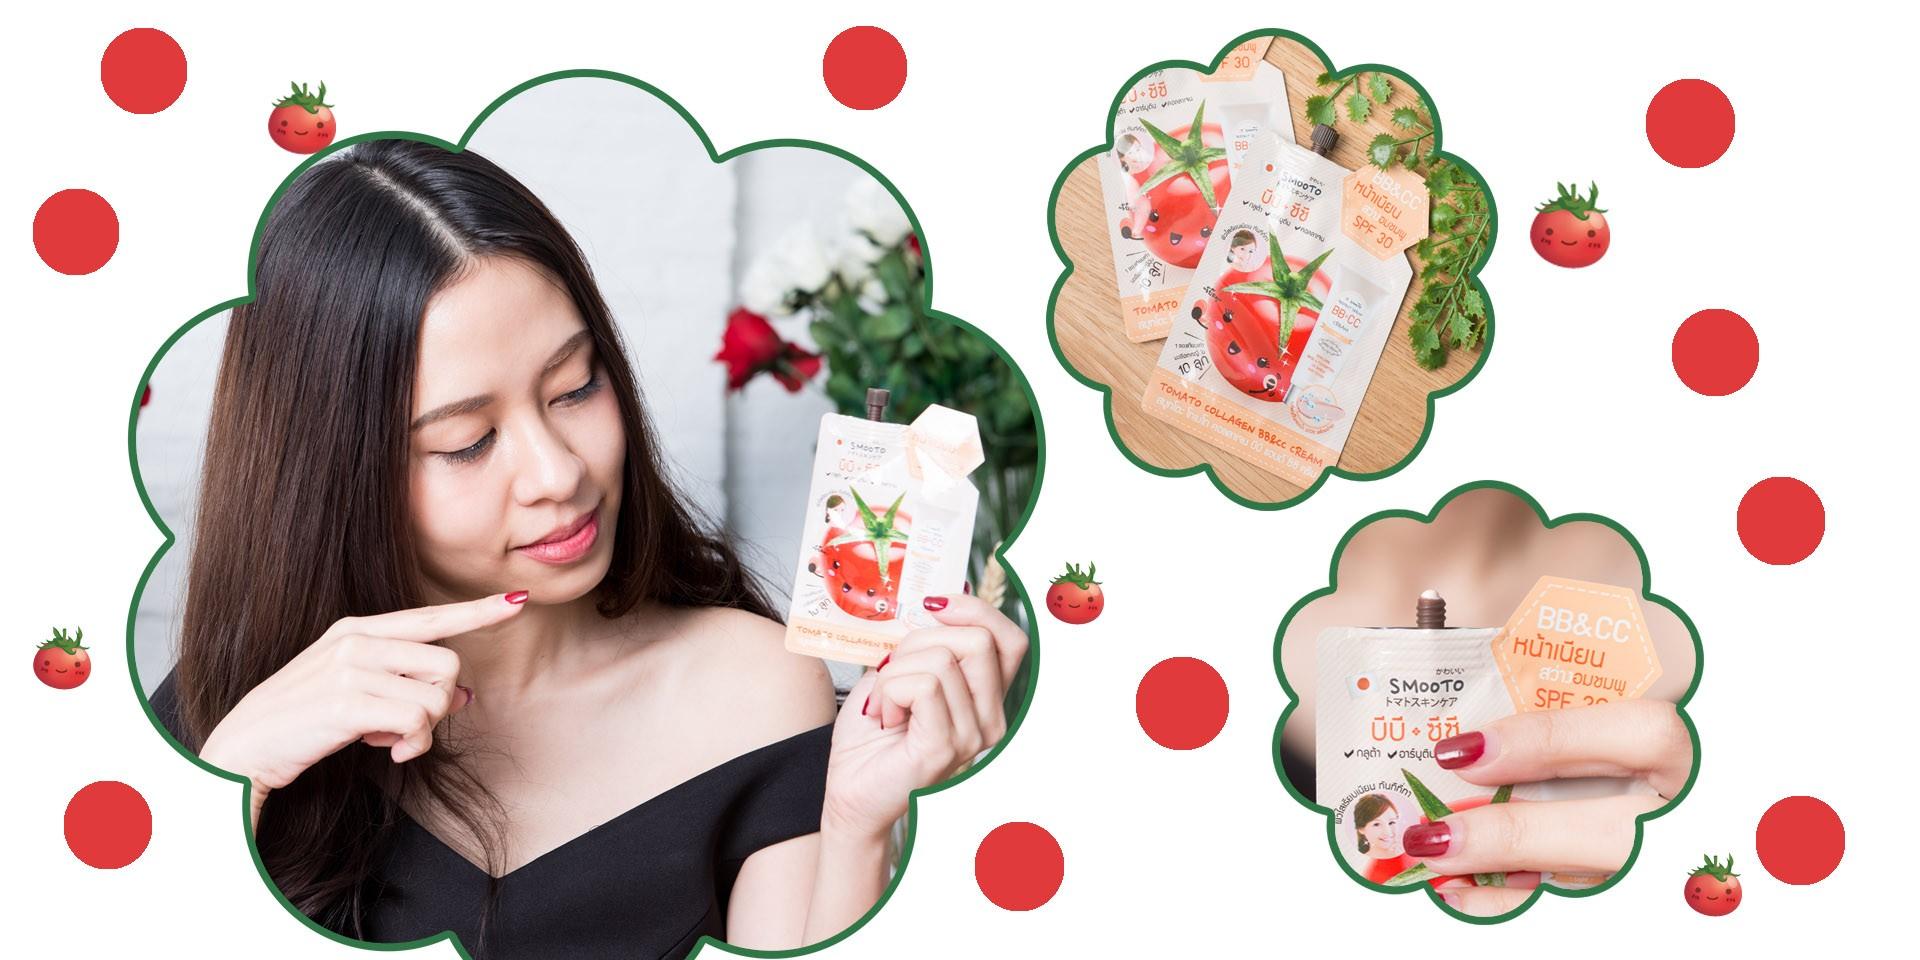 รีวิว Smooto Tomato Collagen BB&CC Cream บีบีซีซีน้ำแตก !